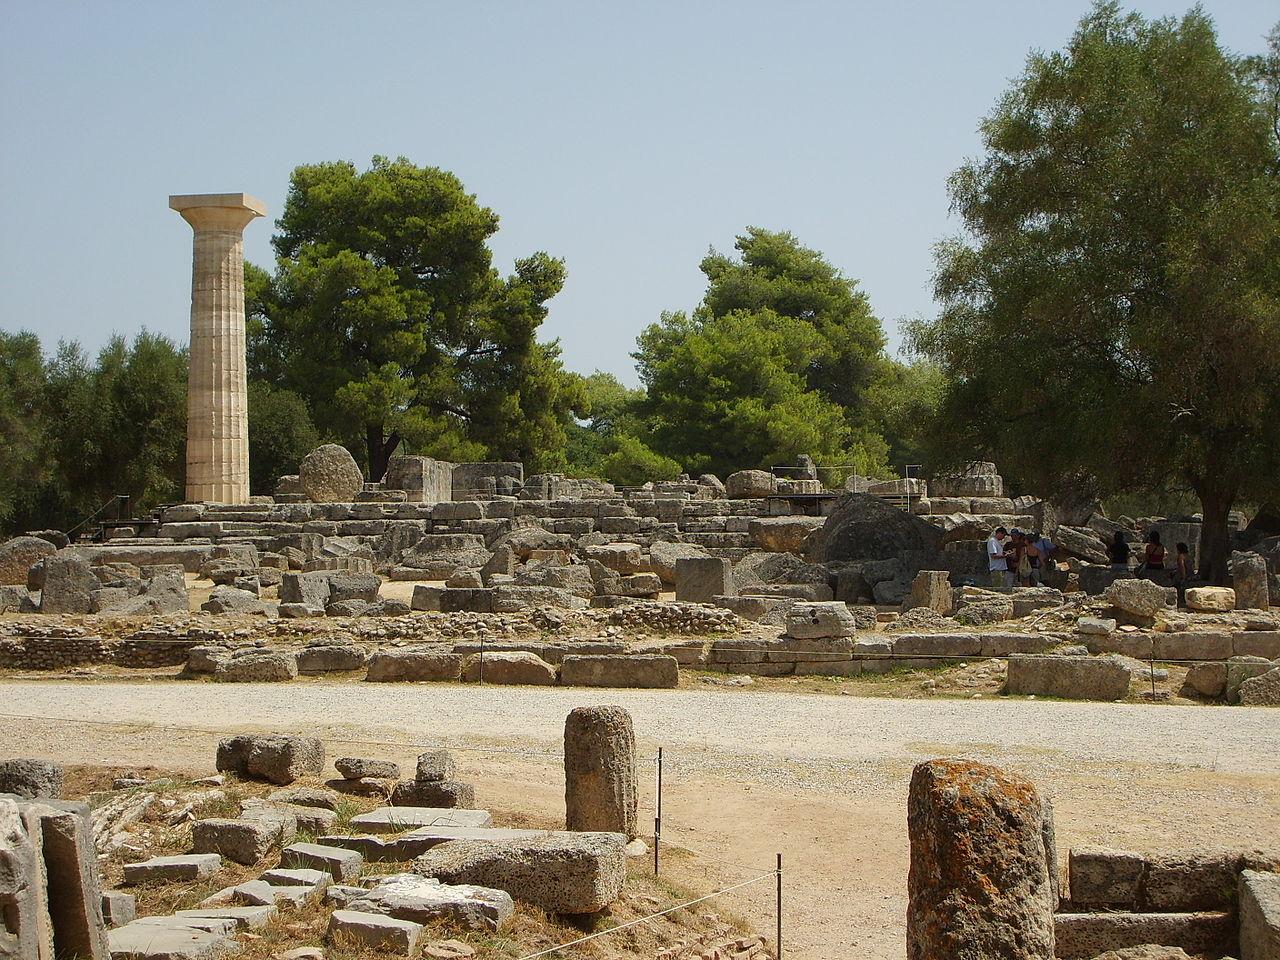 Η Ολυμπία ανάμεσα στους 34 επιλεγμένους χώρους και μνημεία της παγκόσμιας κληρονομιάς